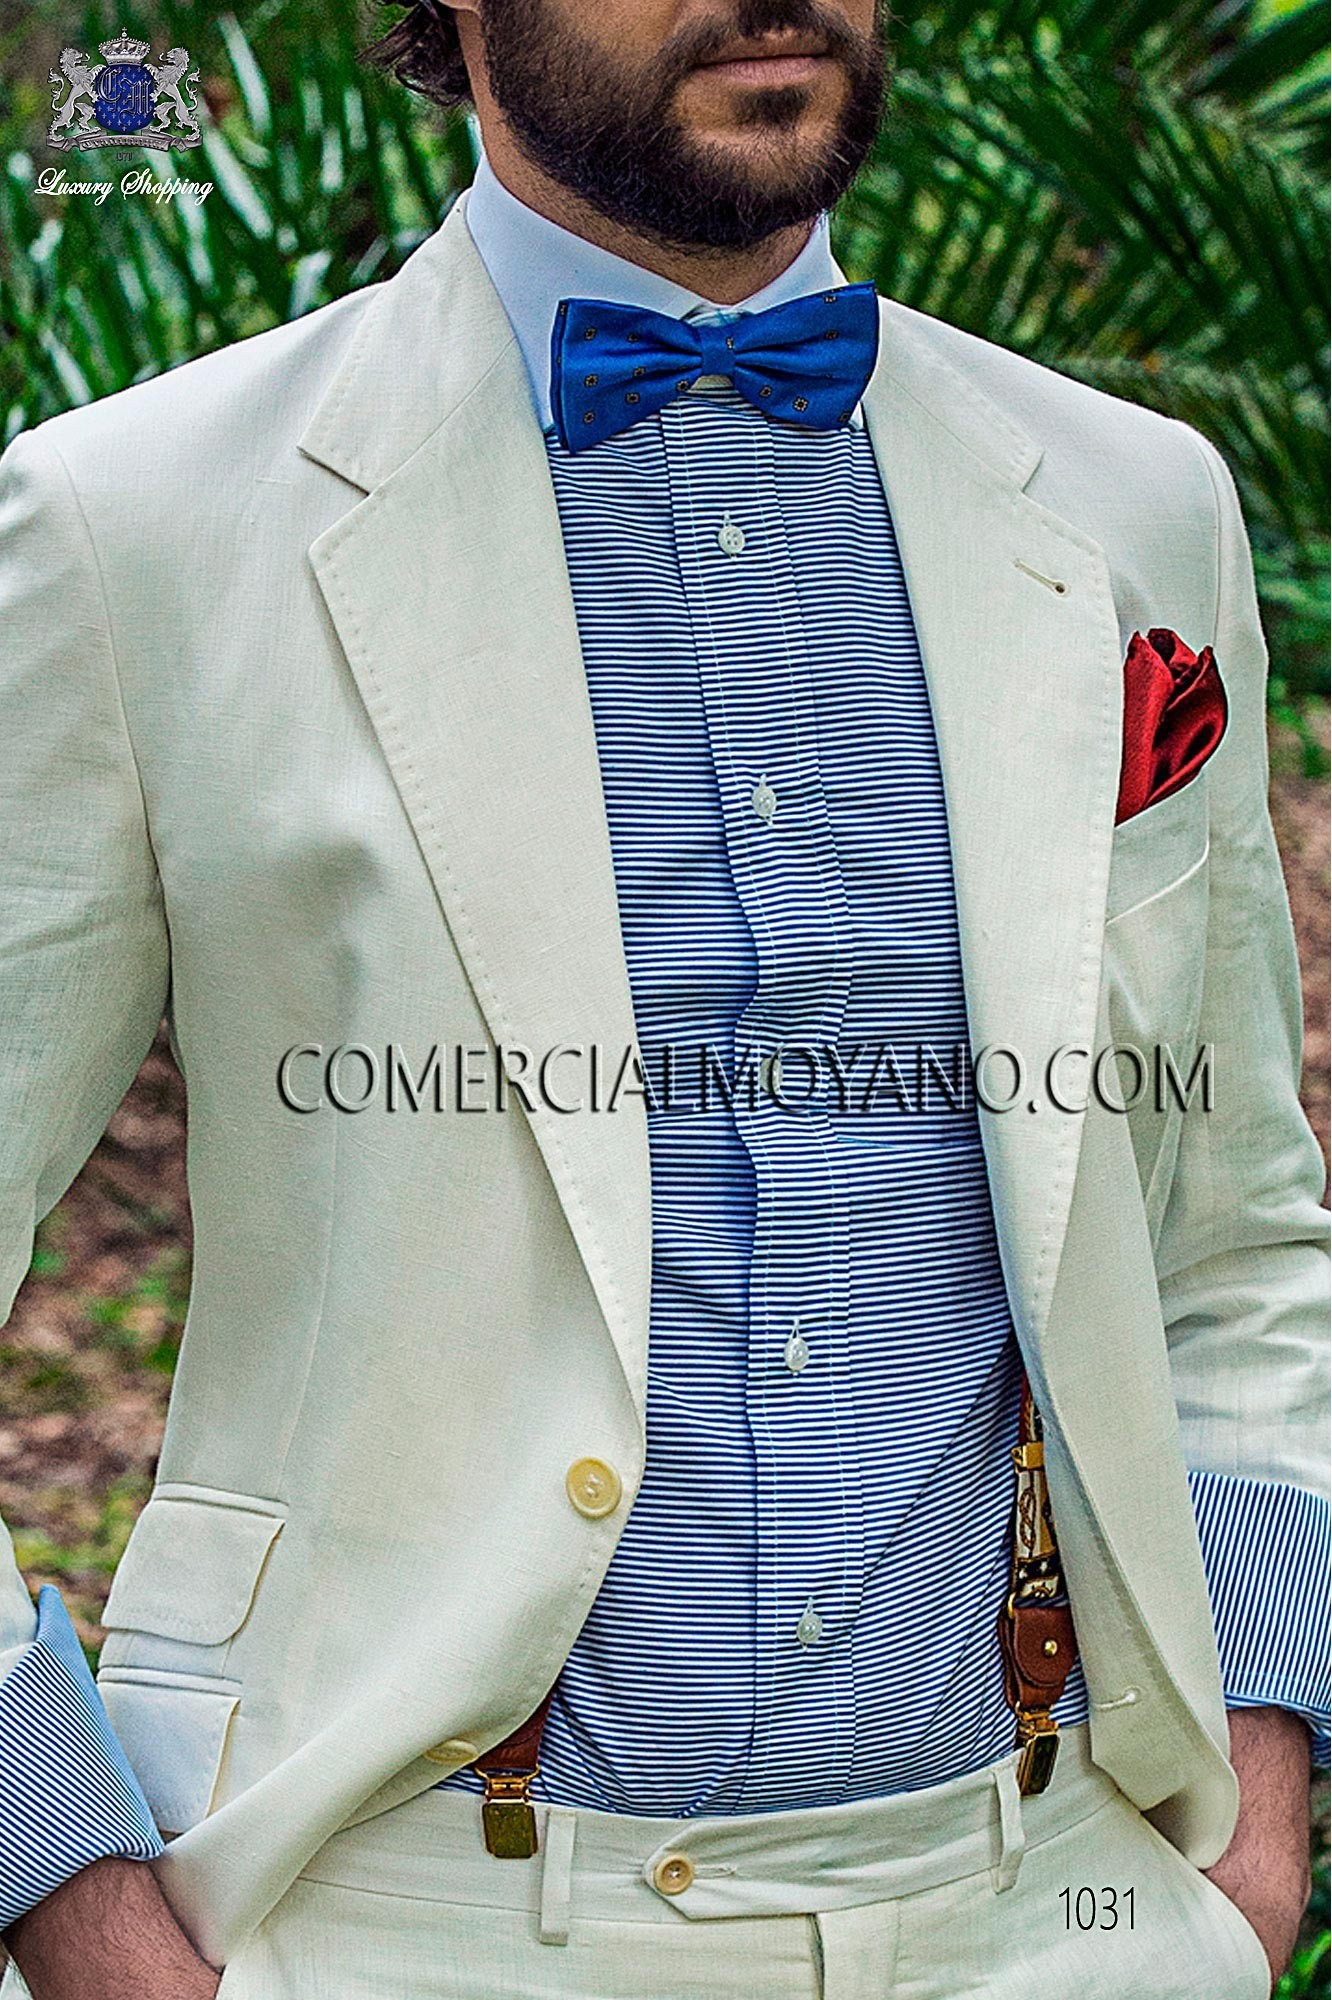 Traje Hipster de novio blanco modelo: 1031 Ottavio Nuccio Gala colección Hipster